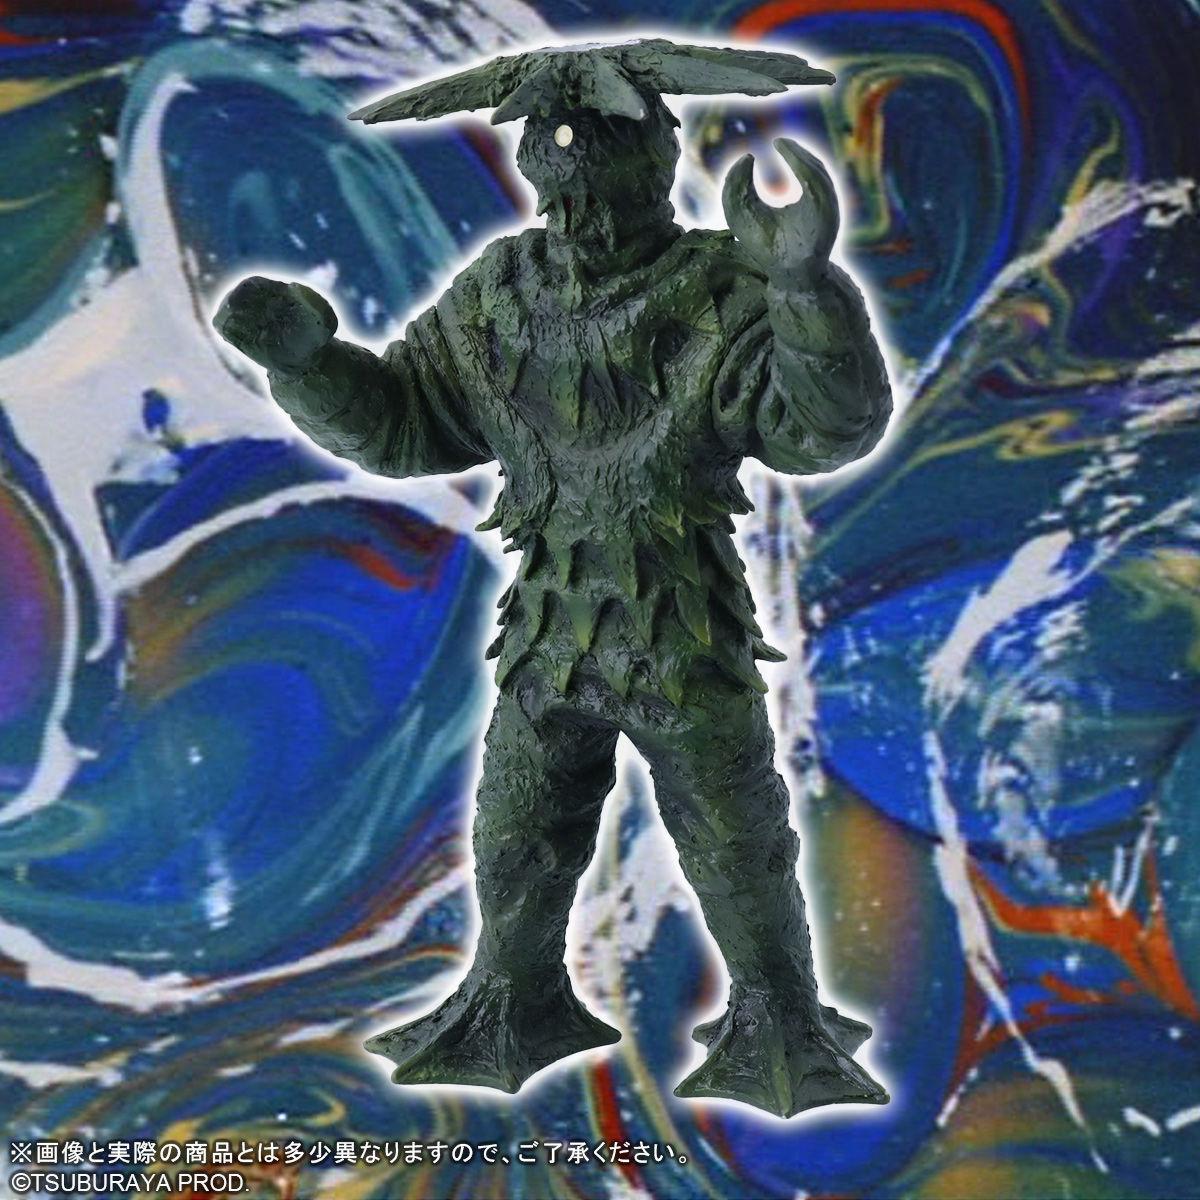 【限定販売】ウルトラ大怪獣シリーズ5000『テペト/テロチルス』完成品フィギュア-002